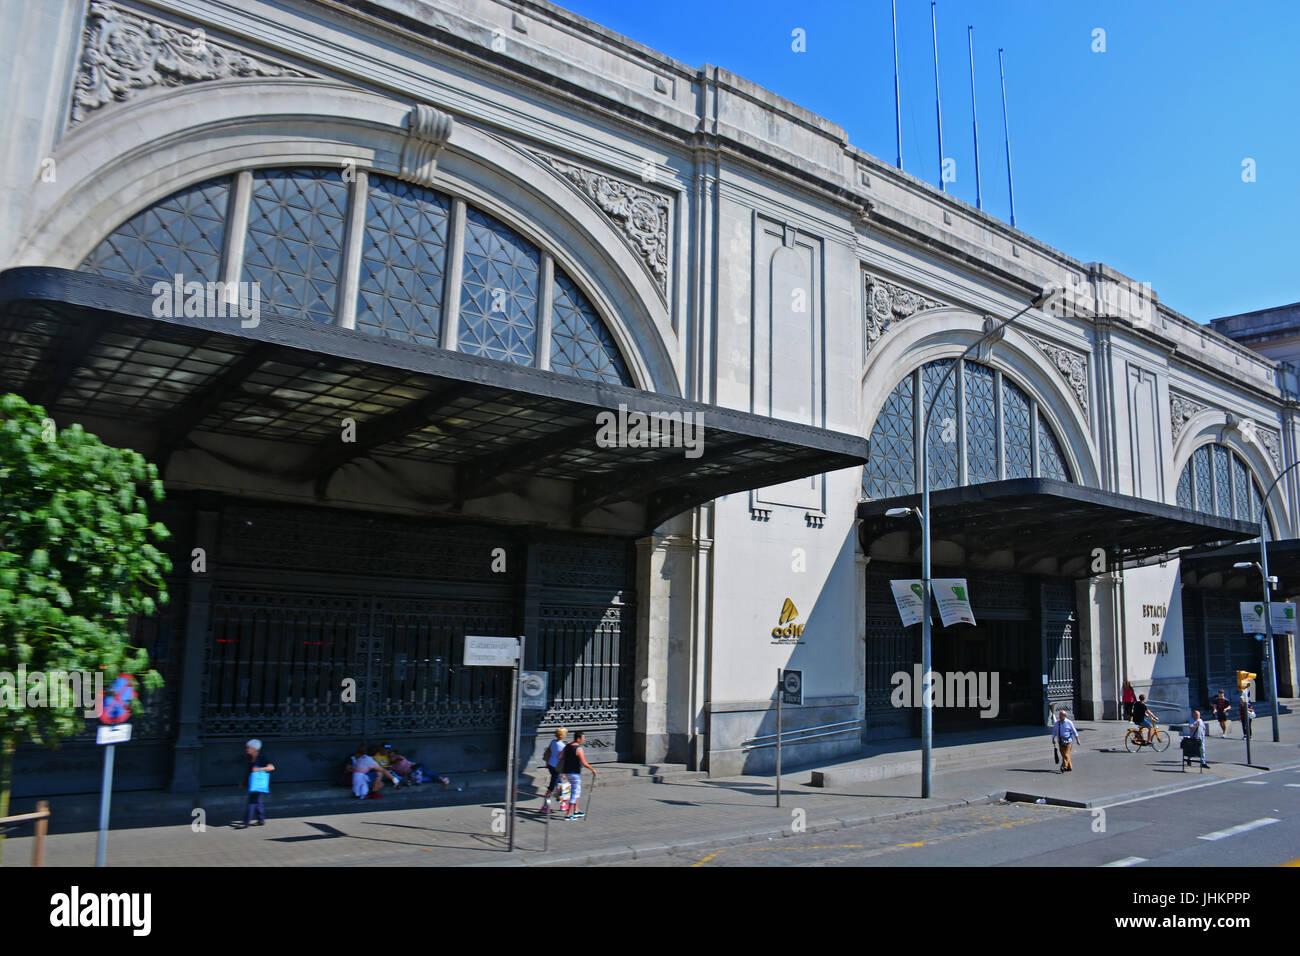 Estacio de Francia, Avinguda Marquès de l'Argentera, Barcelona, Catalonia, Spain - Stock Image